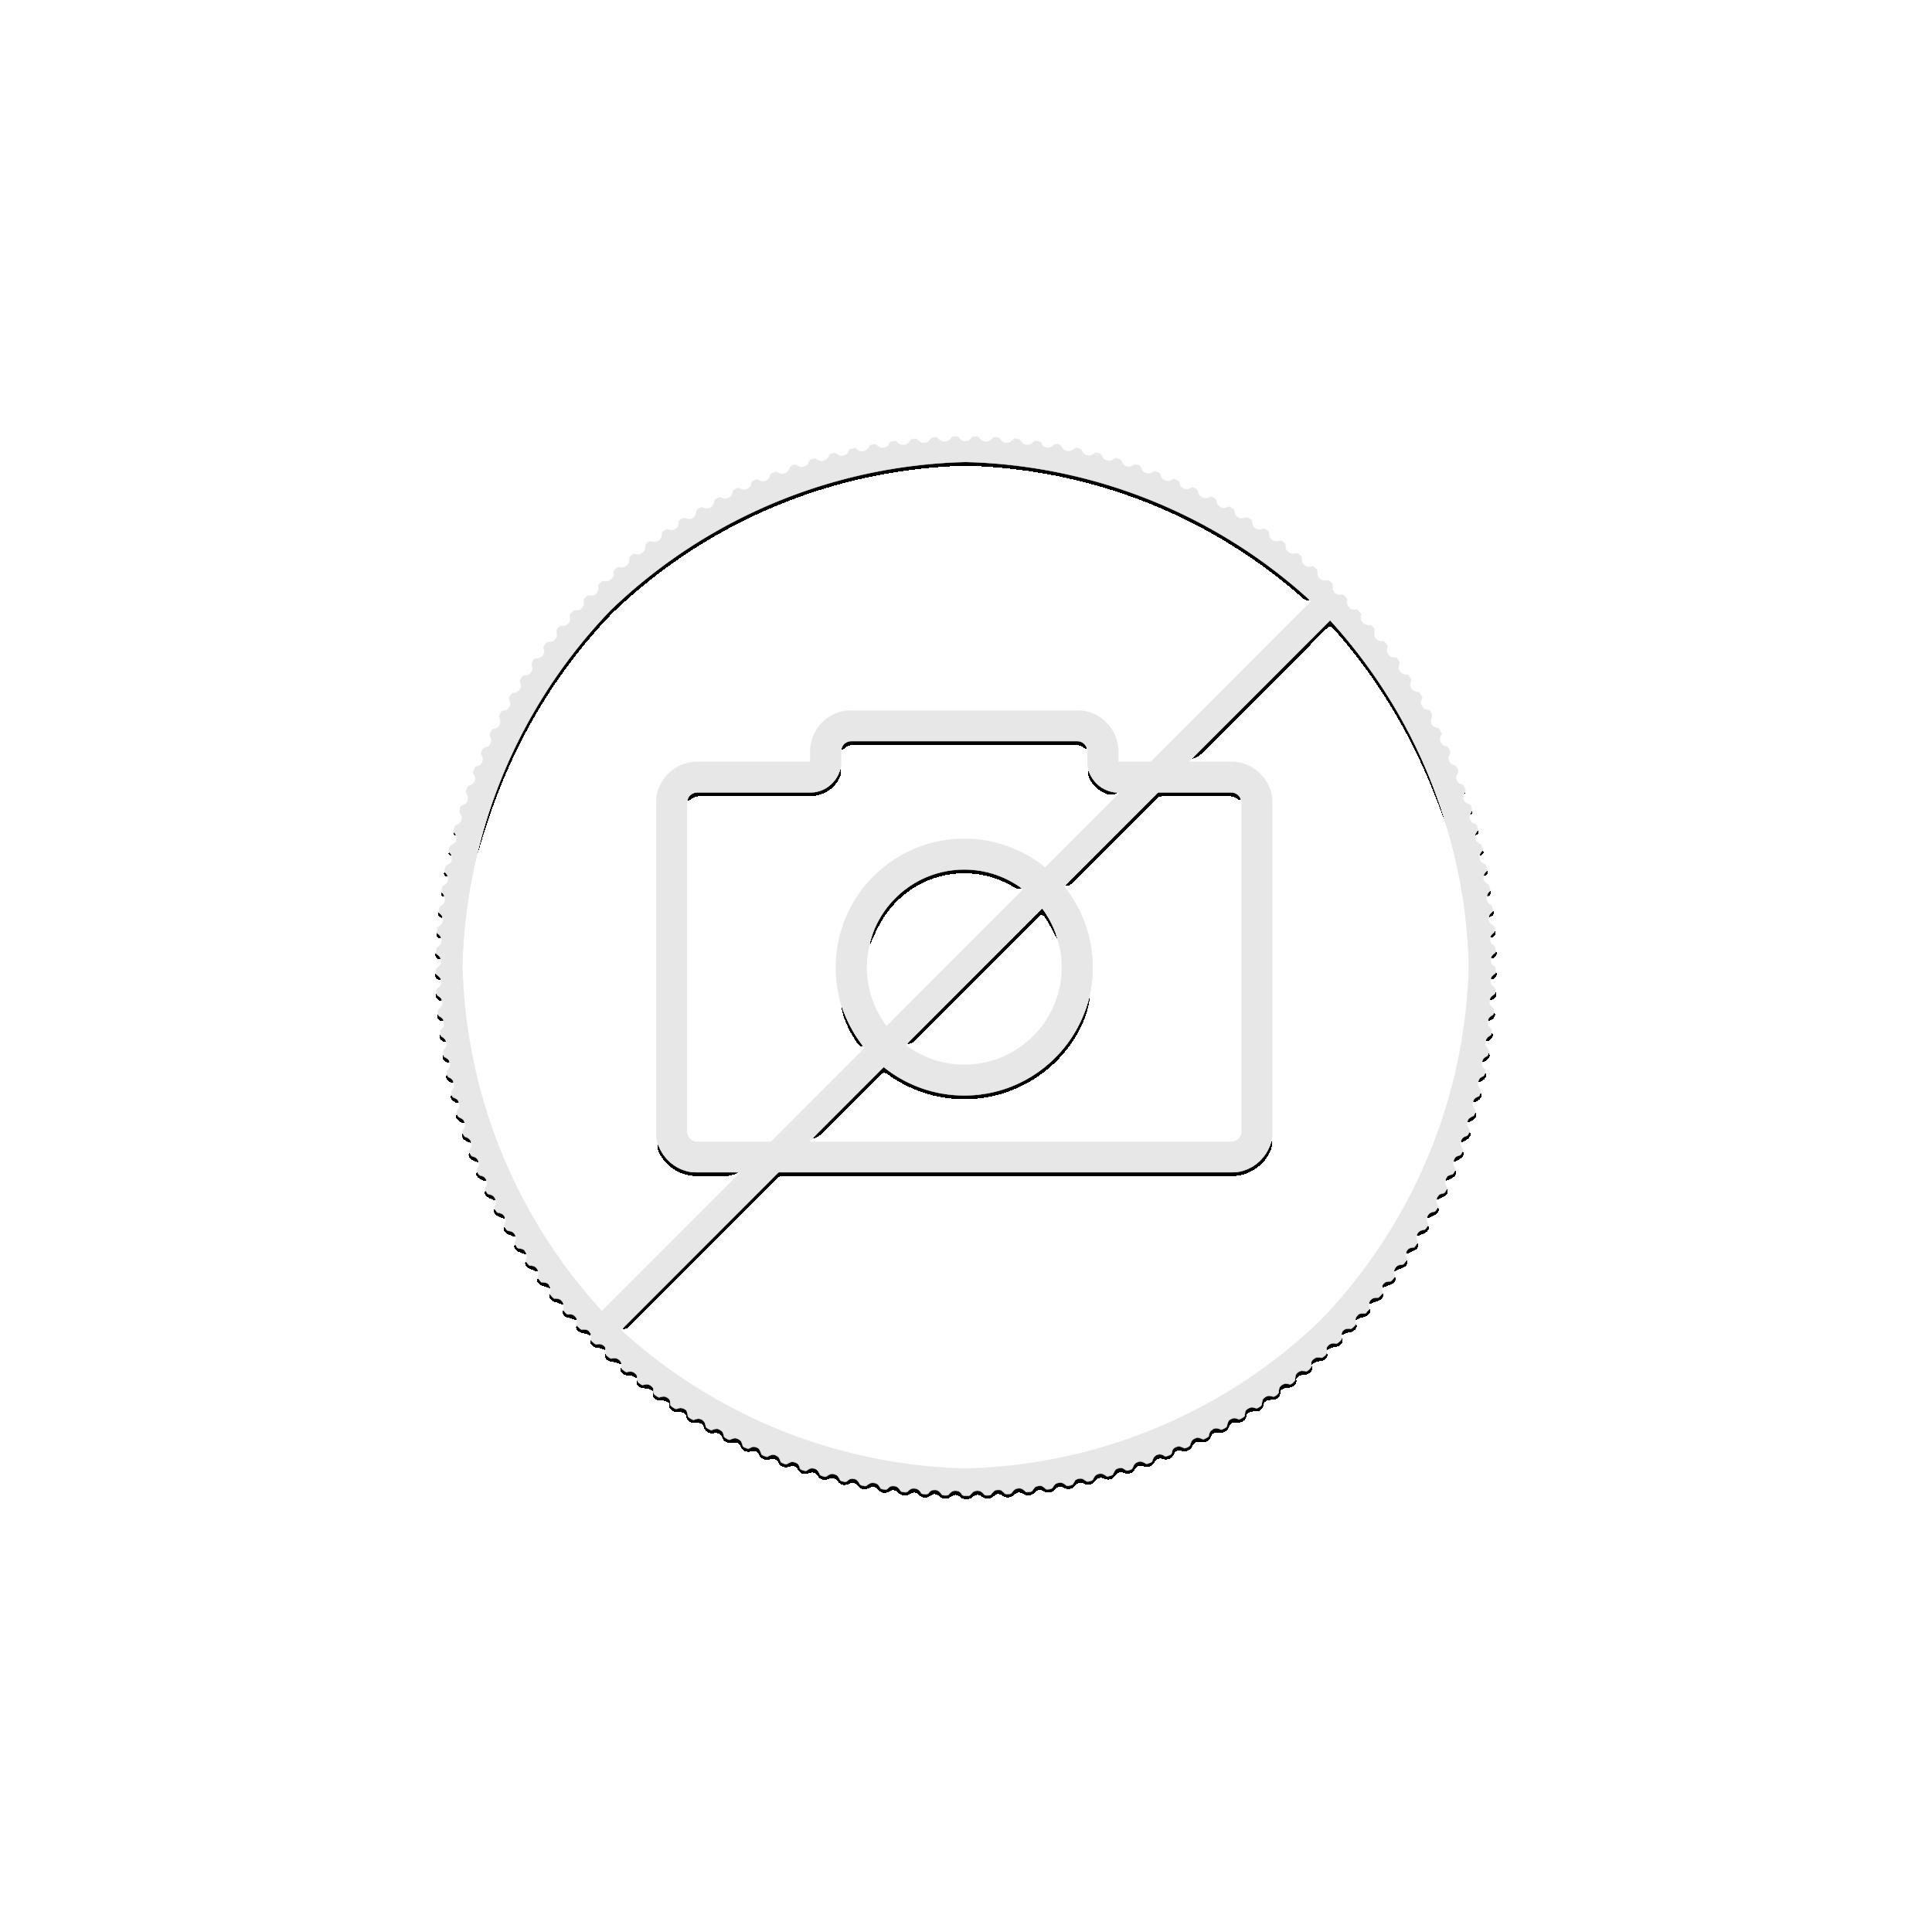 30 gram silver Panda coin 2020